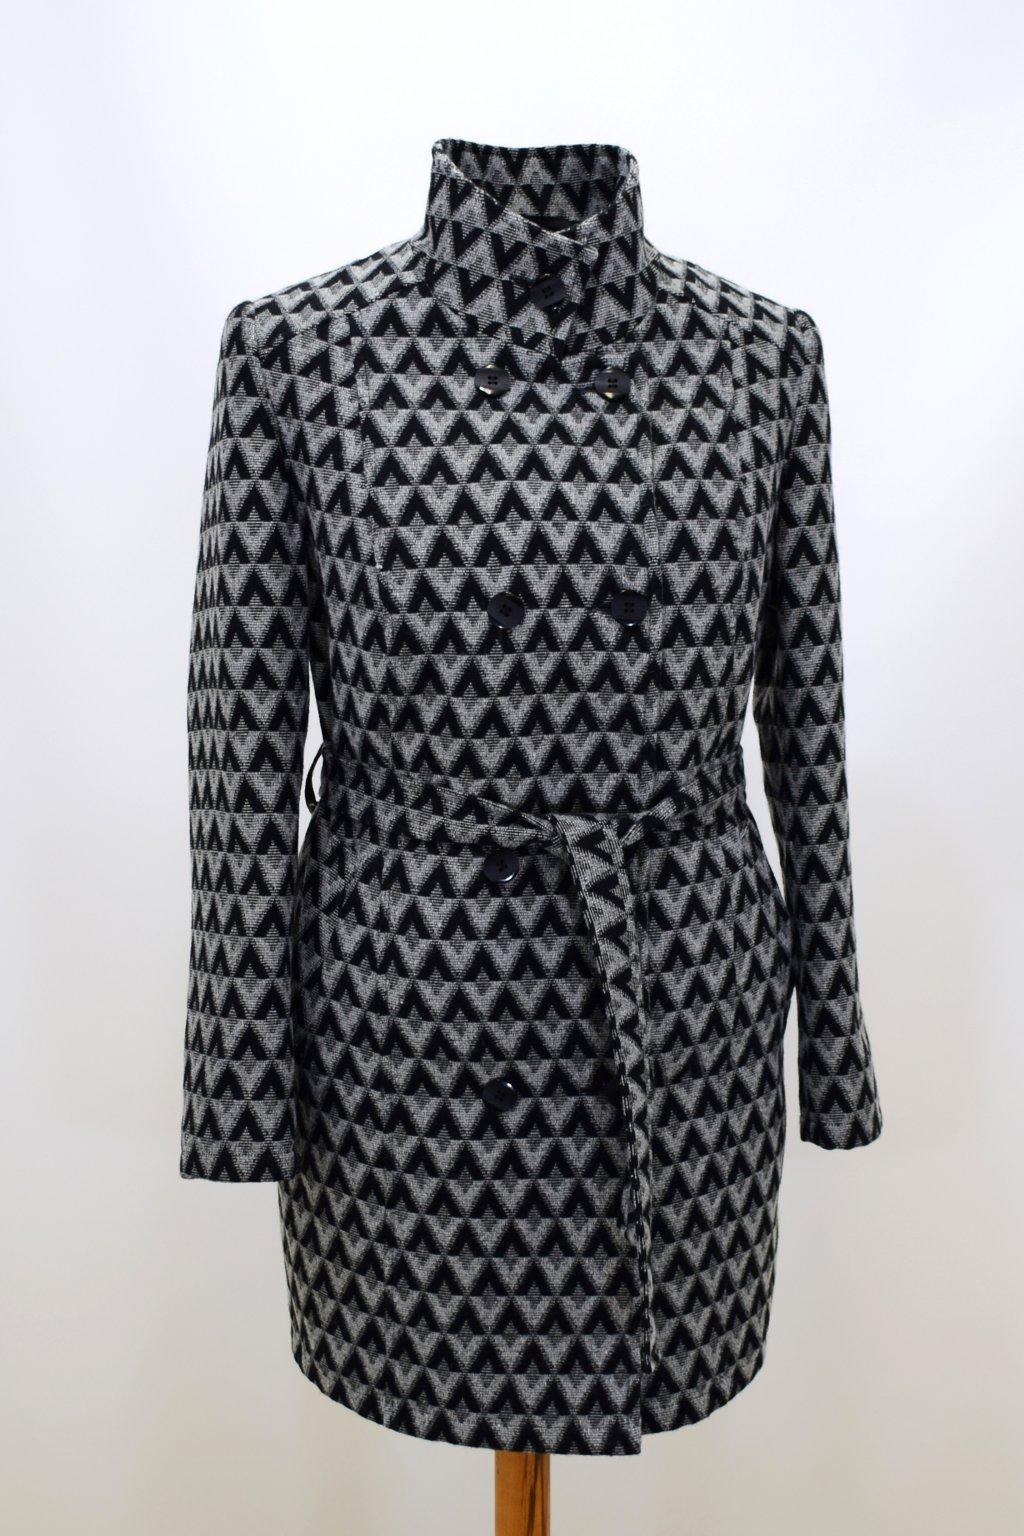 Dámský zimní šedý kostkovaný kabát Sofie.